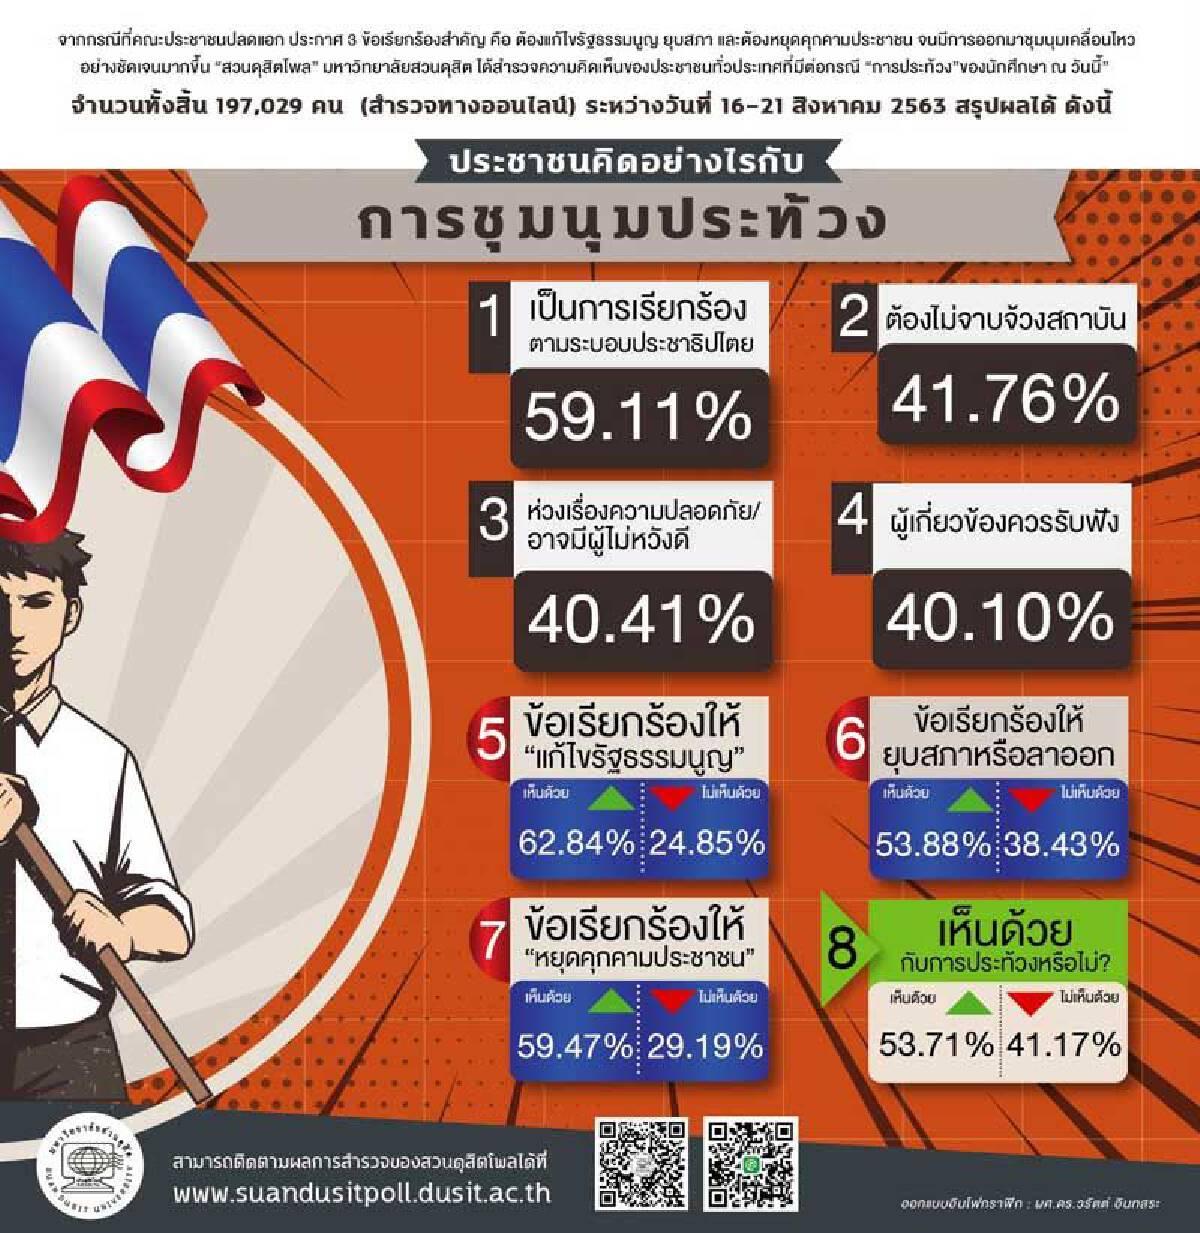 โพลเผยผลสำรวจปชช.ร้อยละ 62 เรียกร้องให้มีการแก้ไขรัฐธรรมนูญ